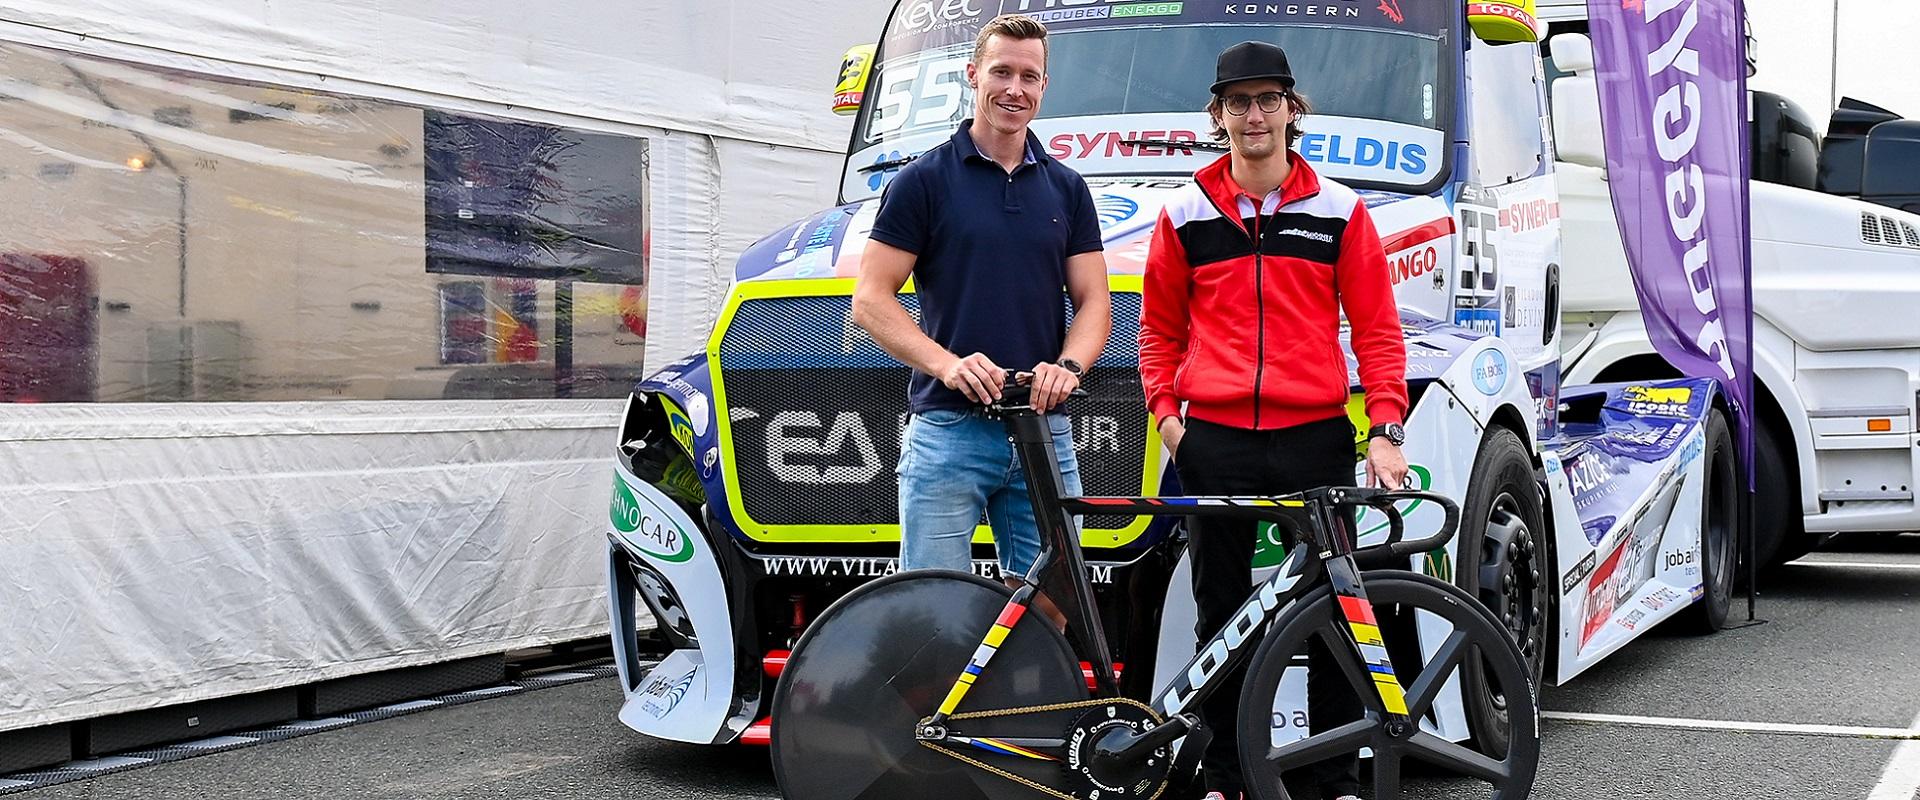 Závodní víkend si s týmem užil i cyklista Tomáš Bábek